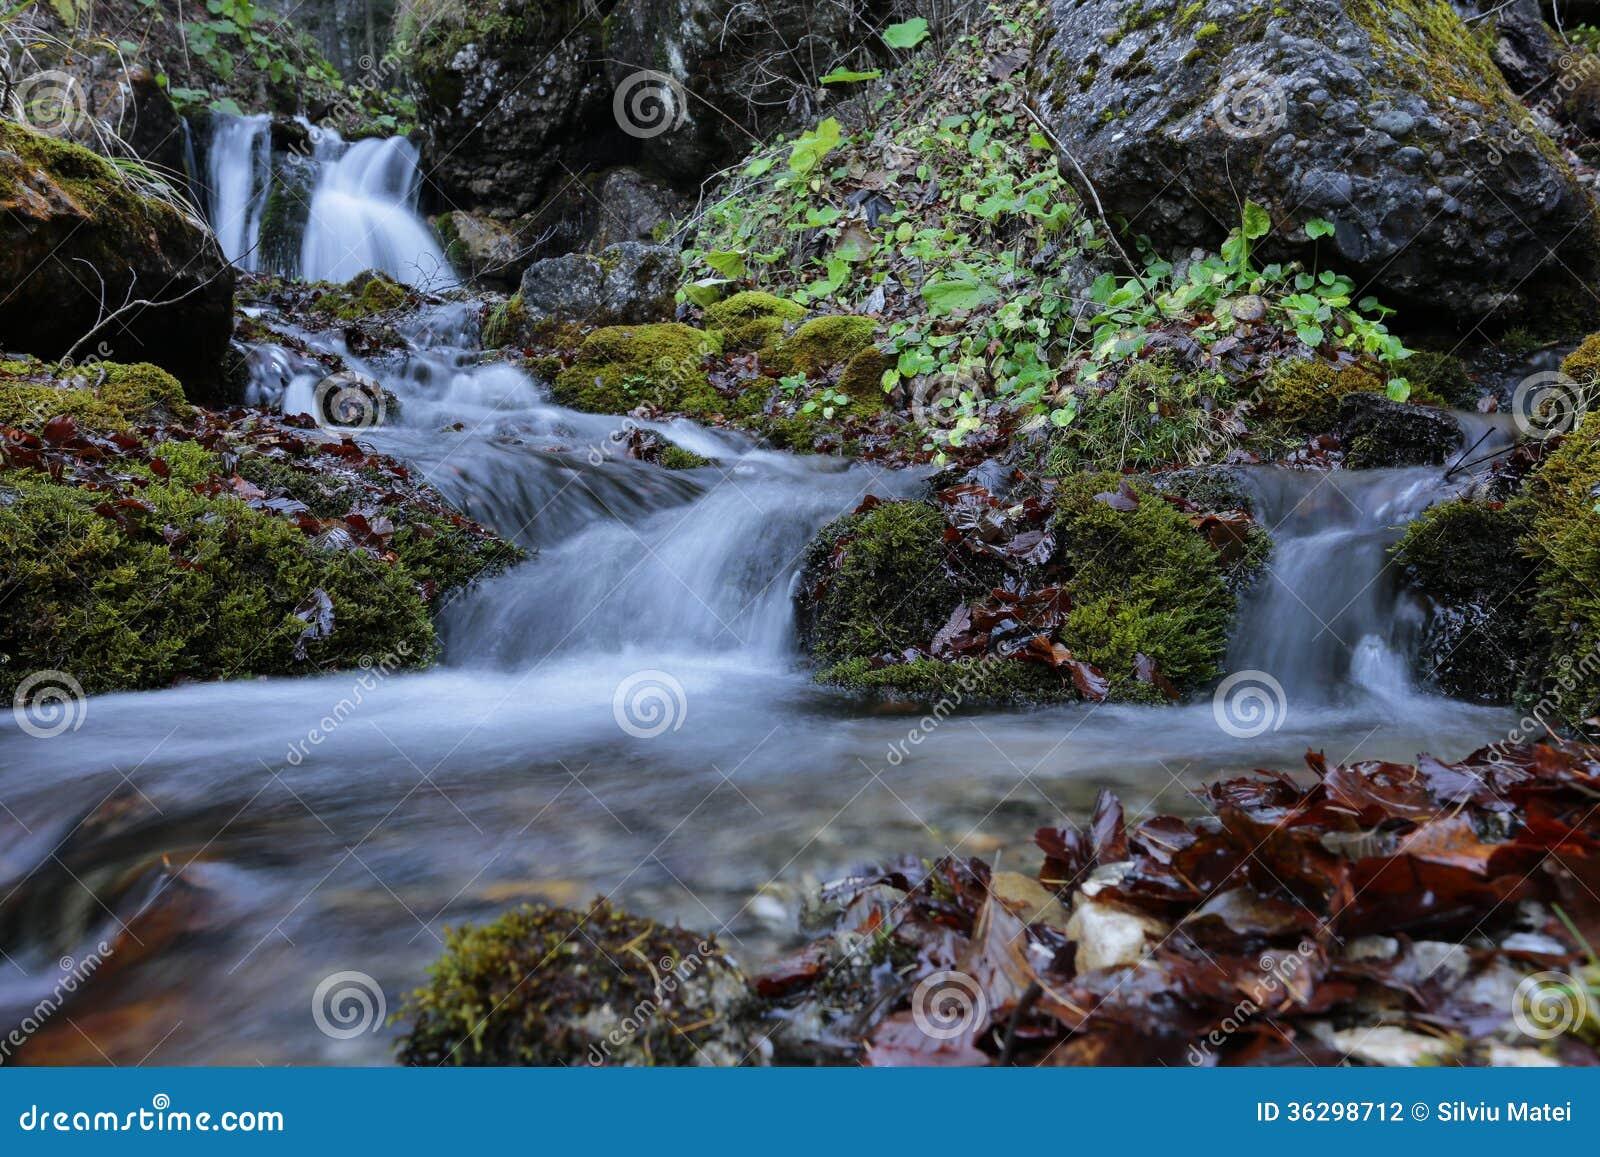 description mountain river natural - photo #10